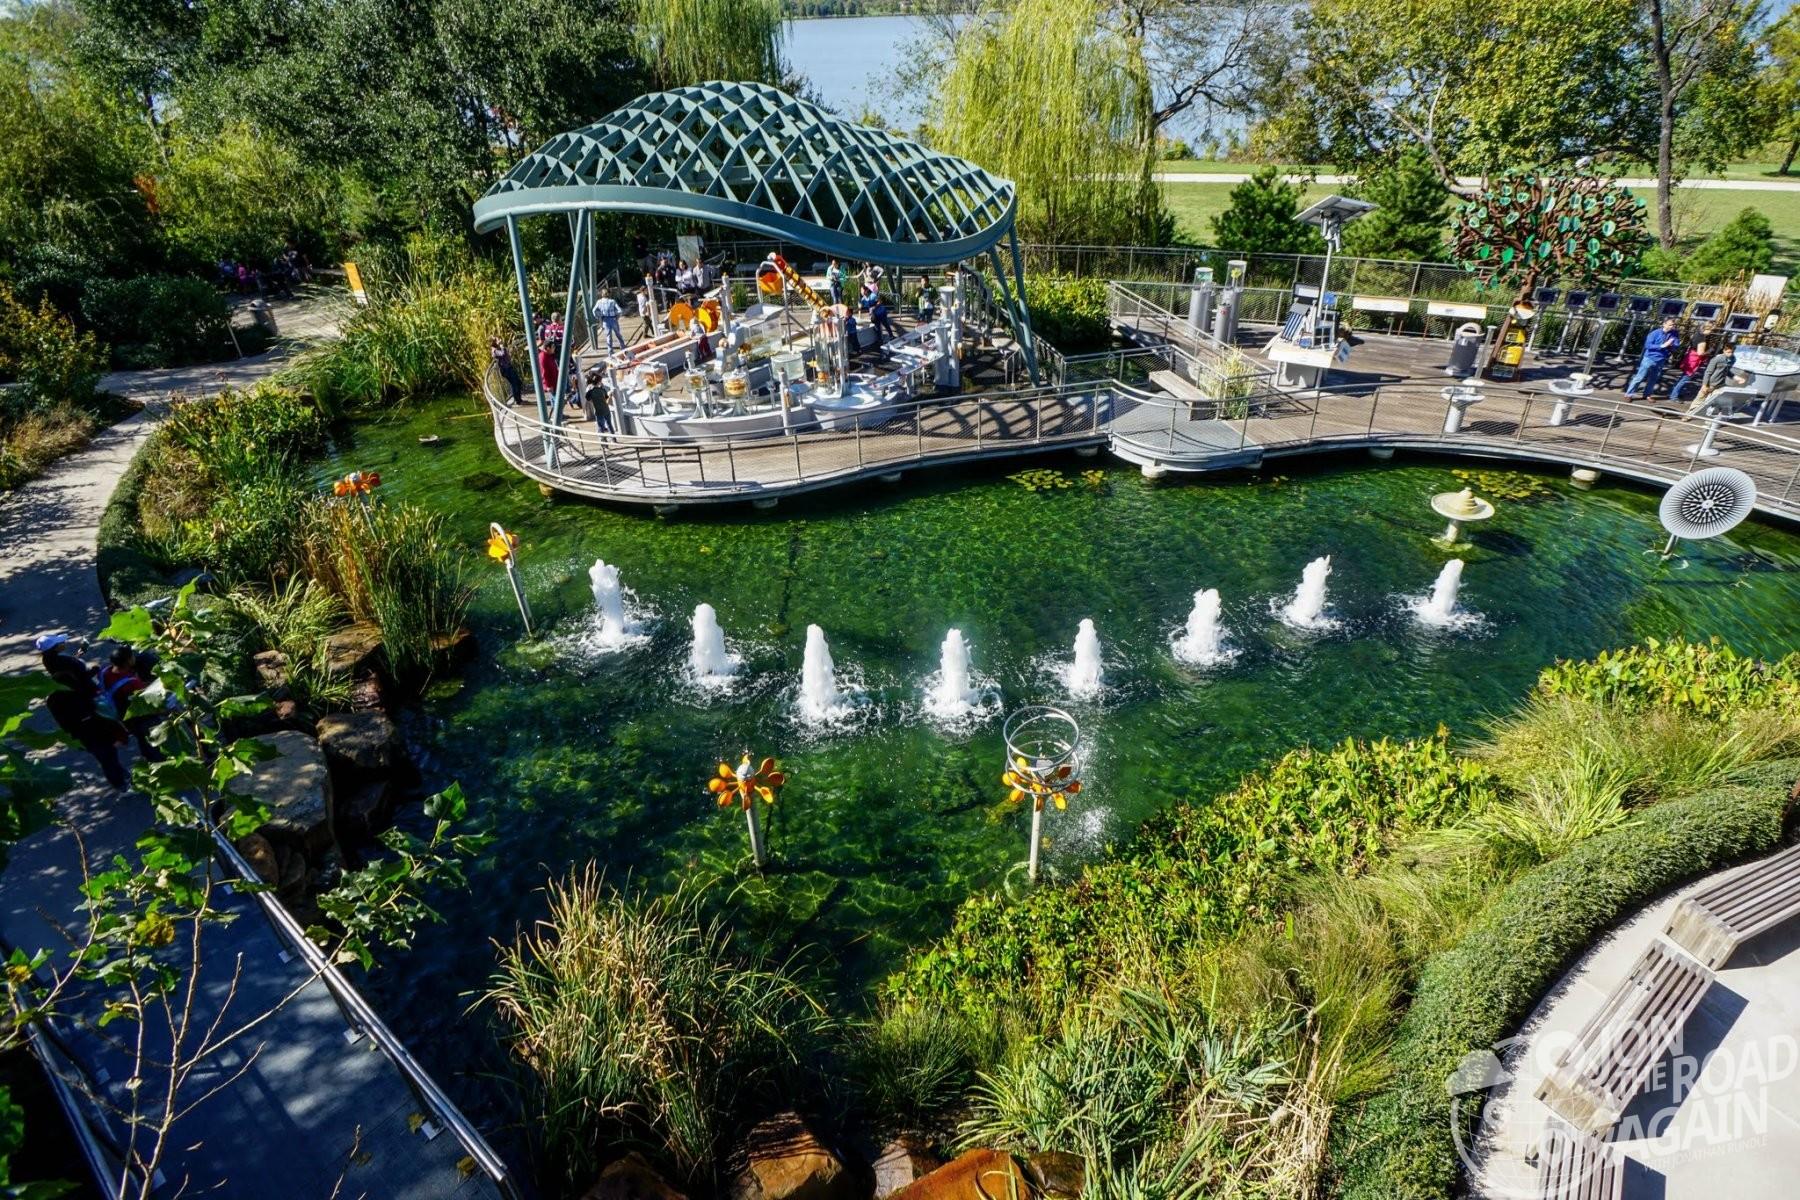 Rory Meyer's Children's Adventure Garden